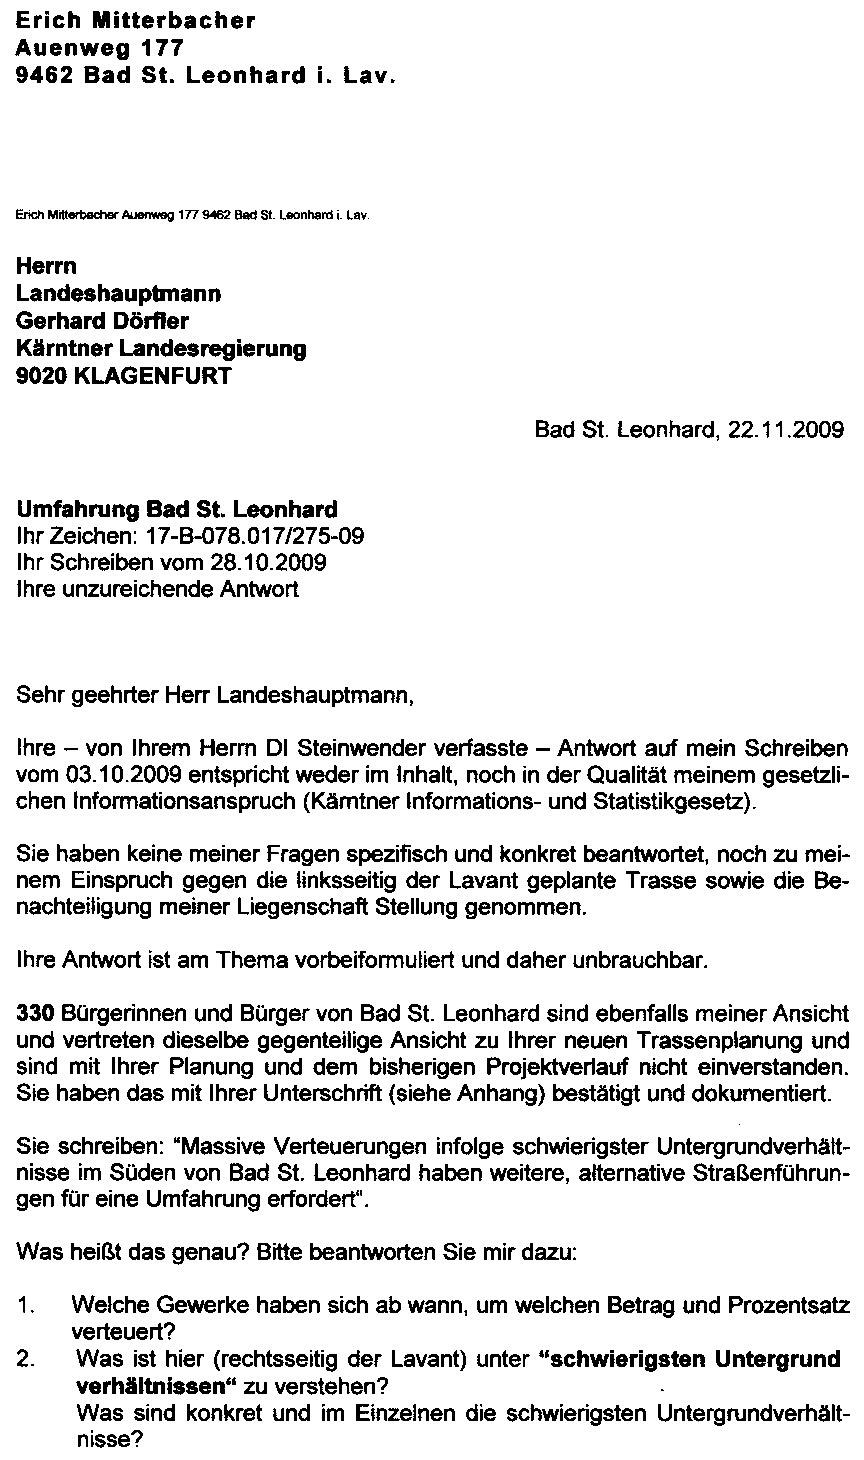 Bad St. Leonhard News vom Raunzer: November 2009